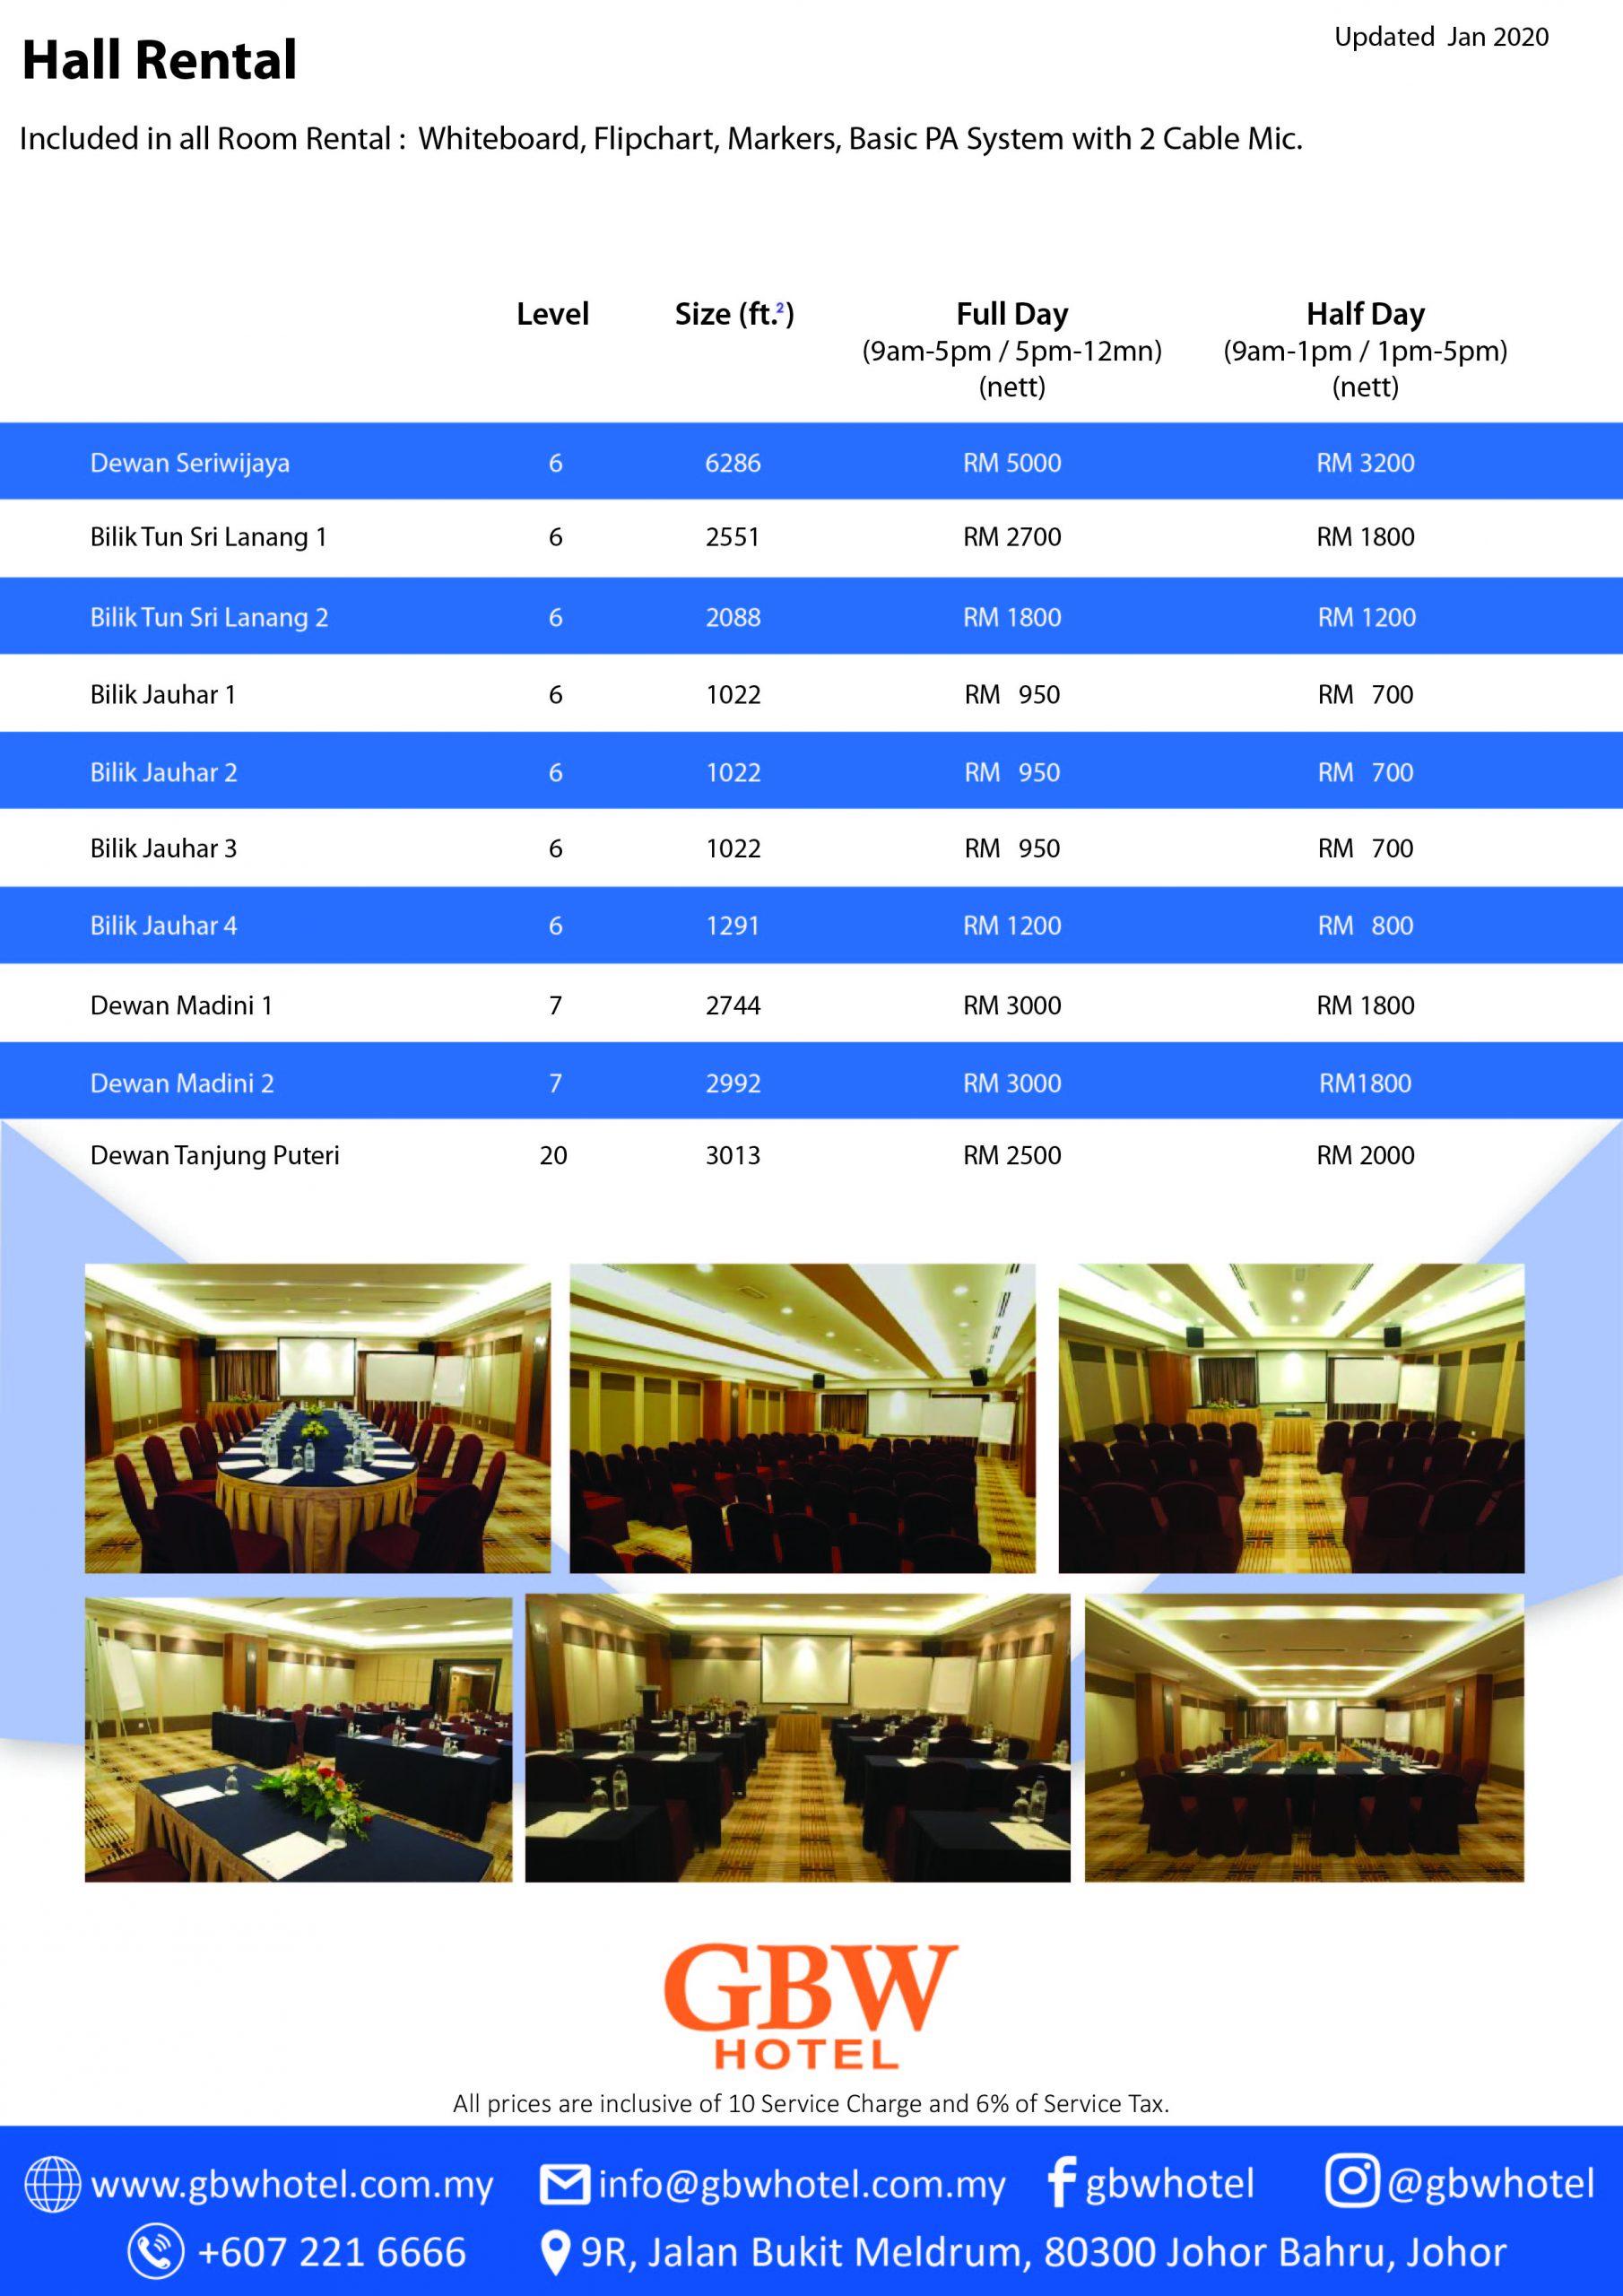 GBW HOTEL 2 GBW HOTEL